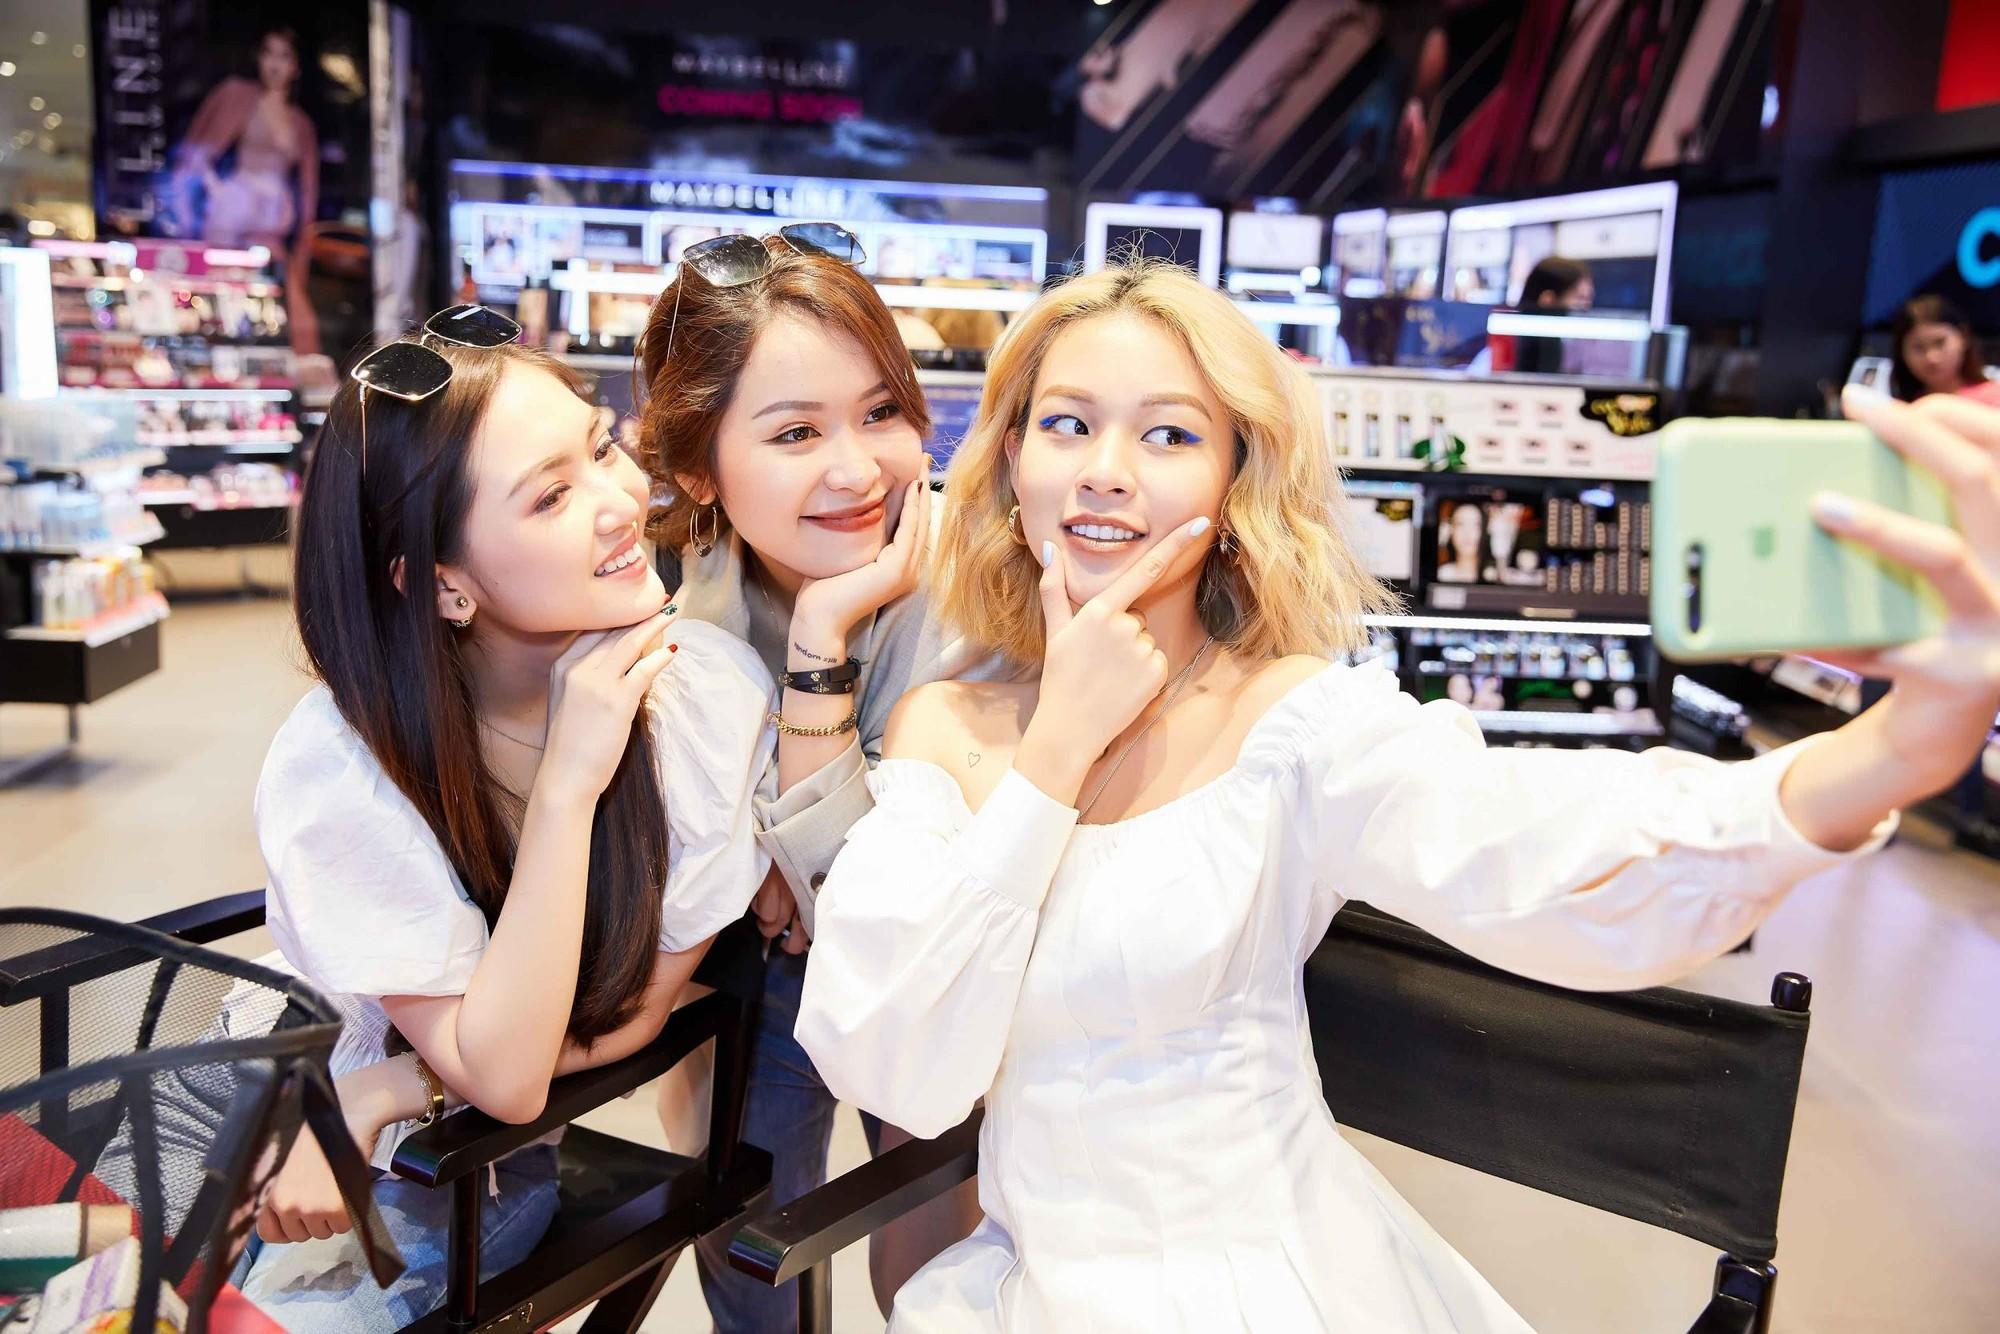 """Phí Phương Anh, An Phương và Chloe Nguyễn bị """"mê hoặc"""" giữa một """"rừng"""" mỹ phẩm tại Watsons - Ảnh 5."""